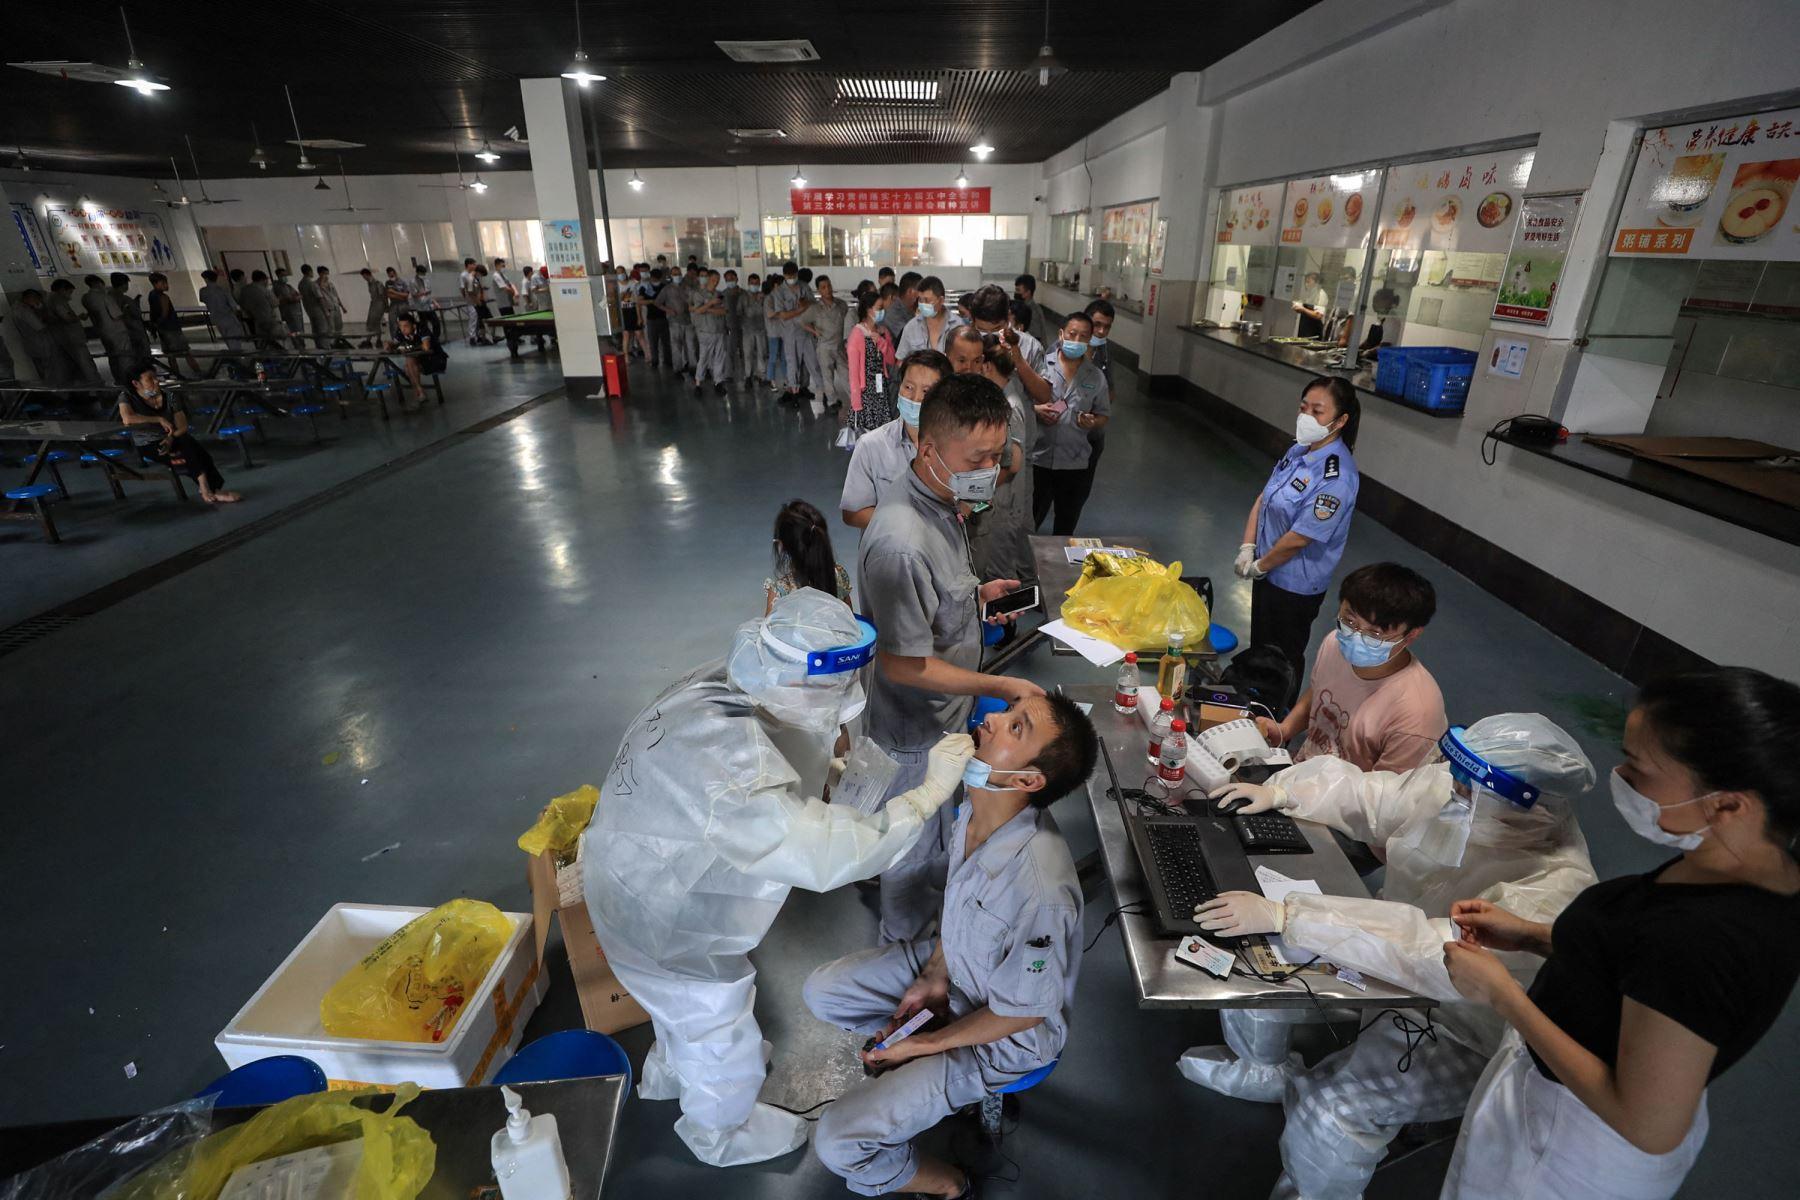 Un trabajador recibe una prueba de ácido nucleico para el covid-19 en el comedor de una fábrica de piezas de automóviles en Wuhan, en la provincia central de Hubei, China. Foto: AFP